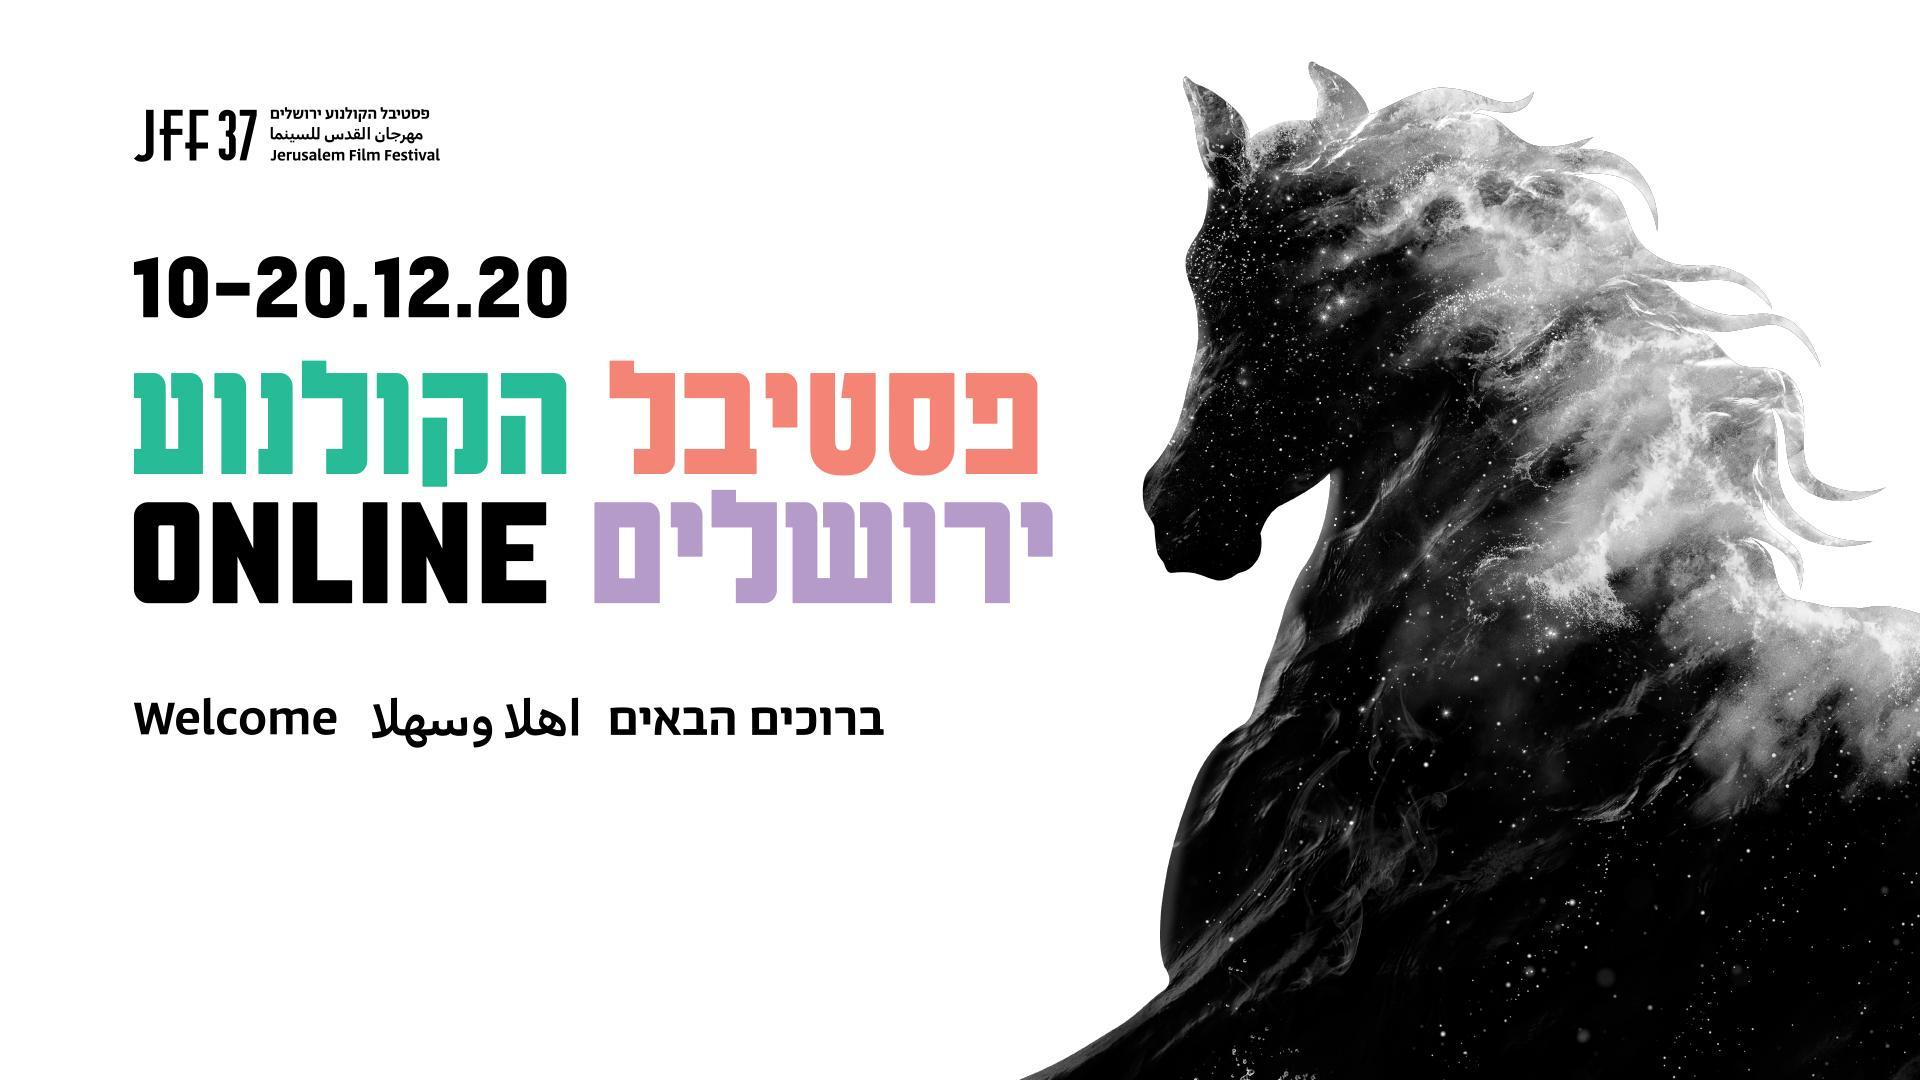 פסטיבל הקולנוע ירושלים, כרזה